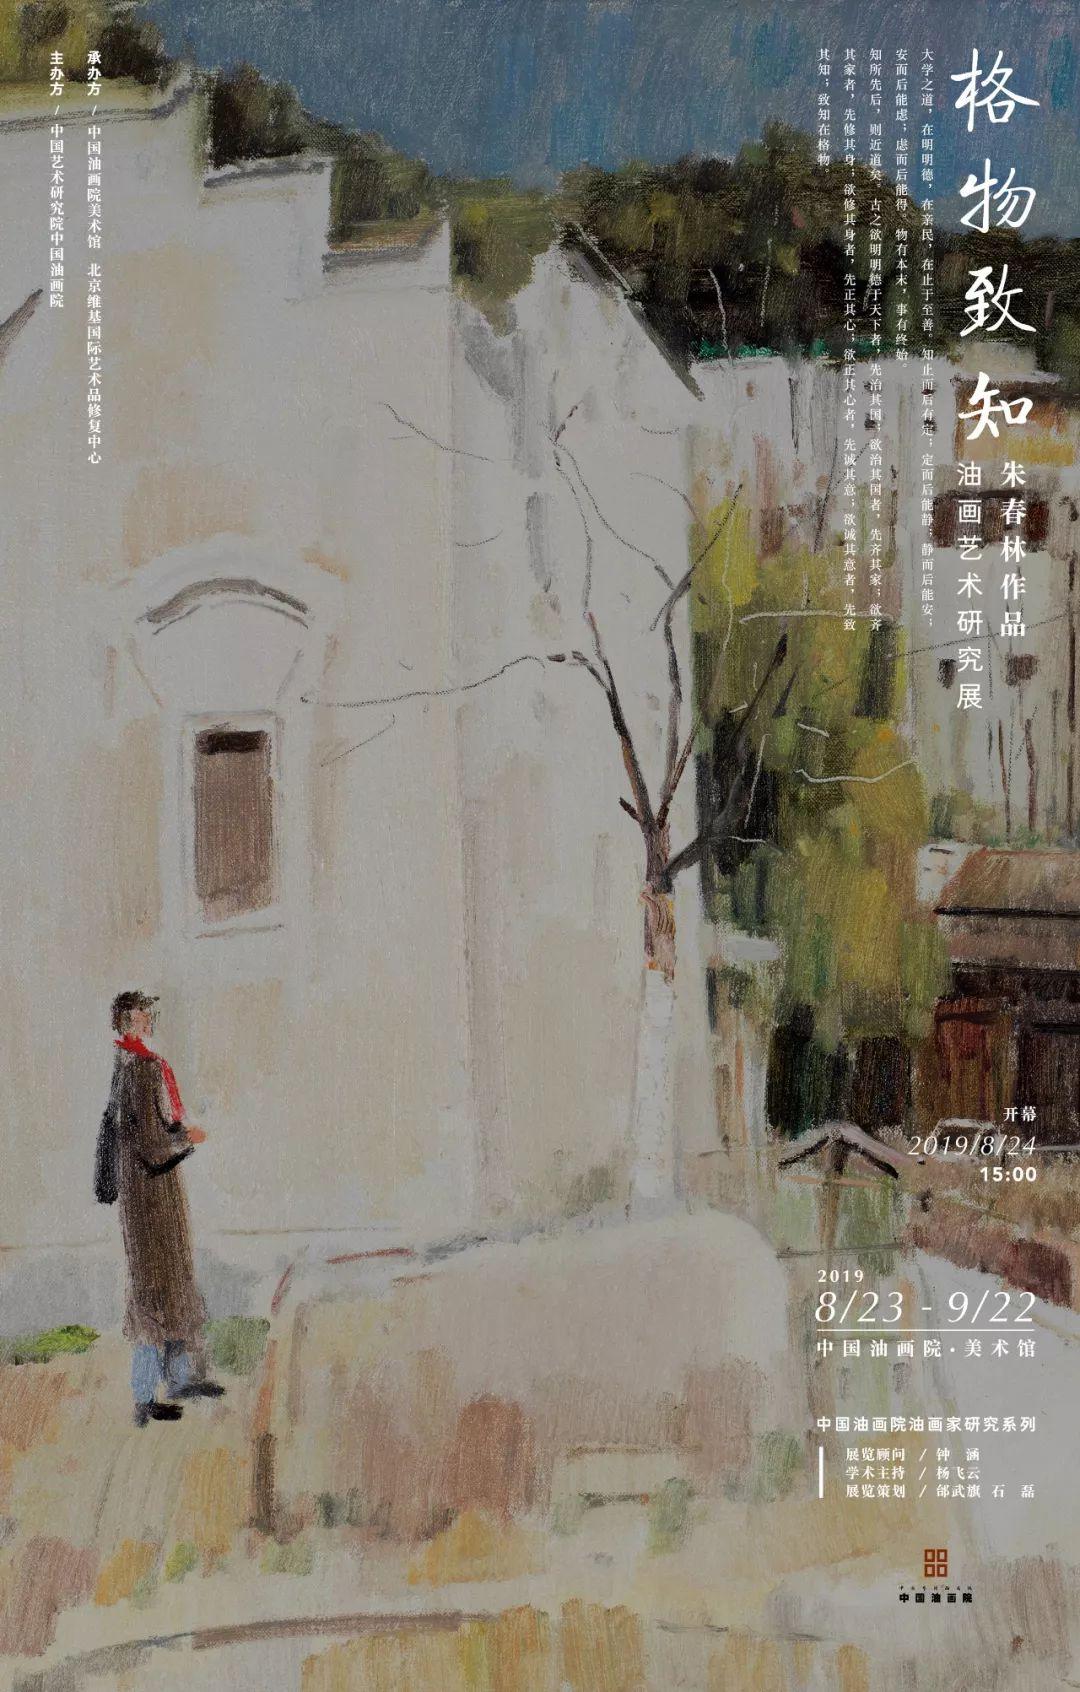 展览 | 格物致知——朱春林油画研究展  艺术相关  第5张